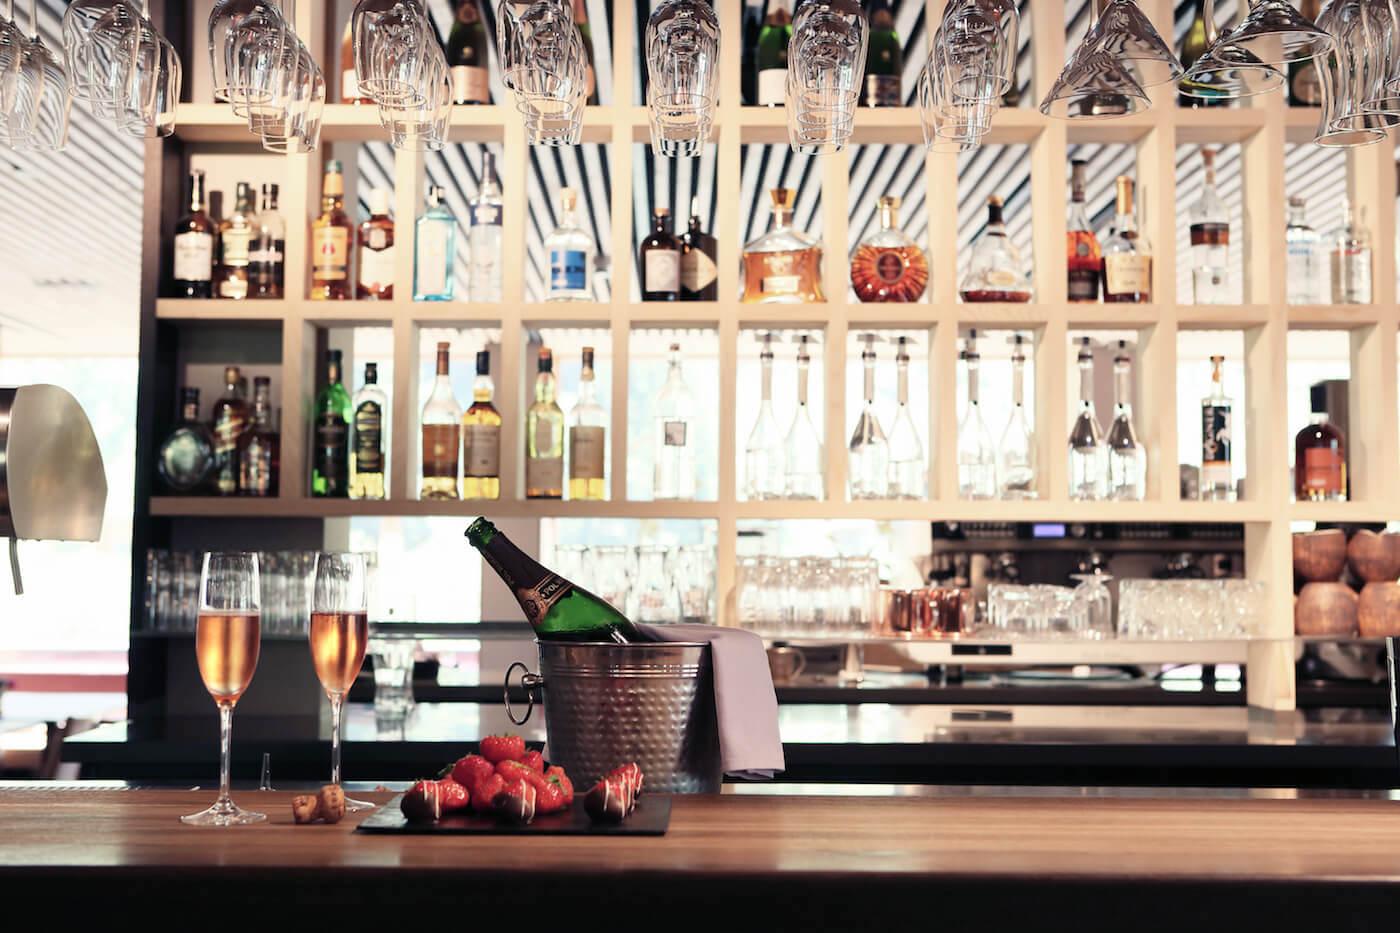 Bar mit einer geöffneten flasche champagner auf dem tresen und zwei gefüllten gläsern